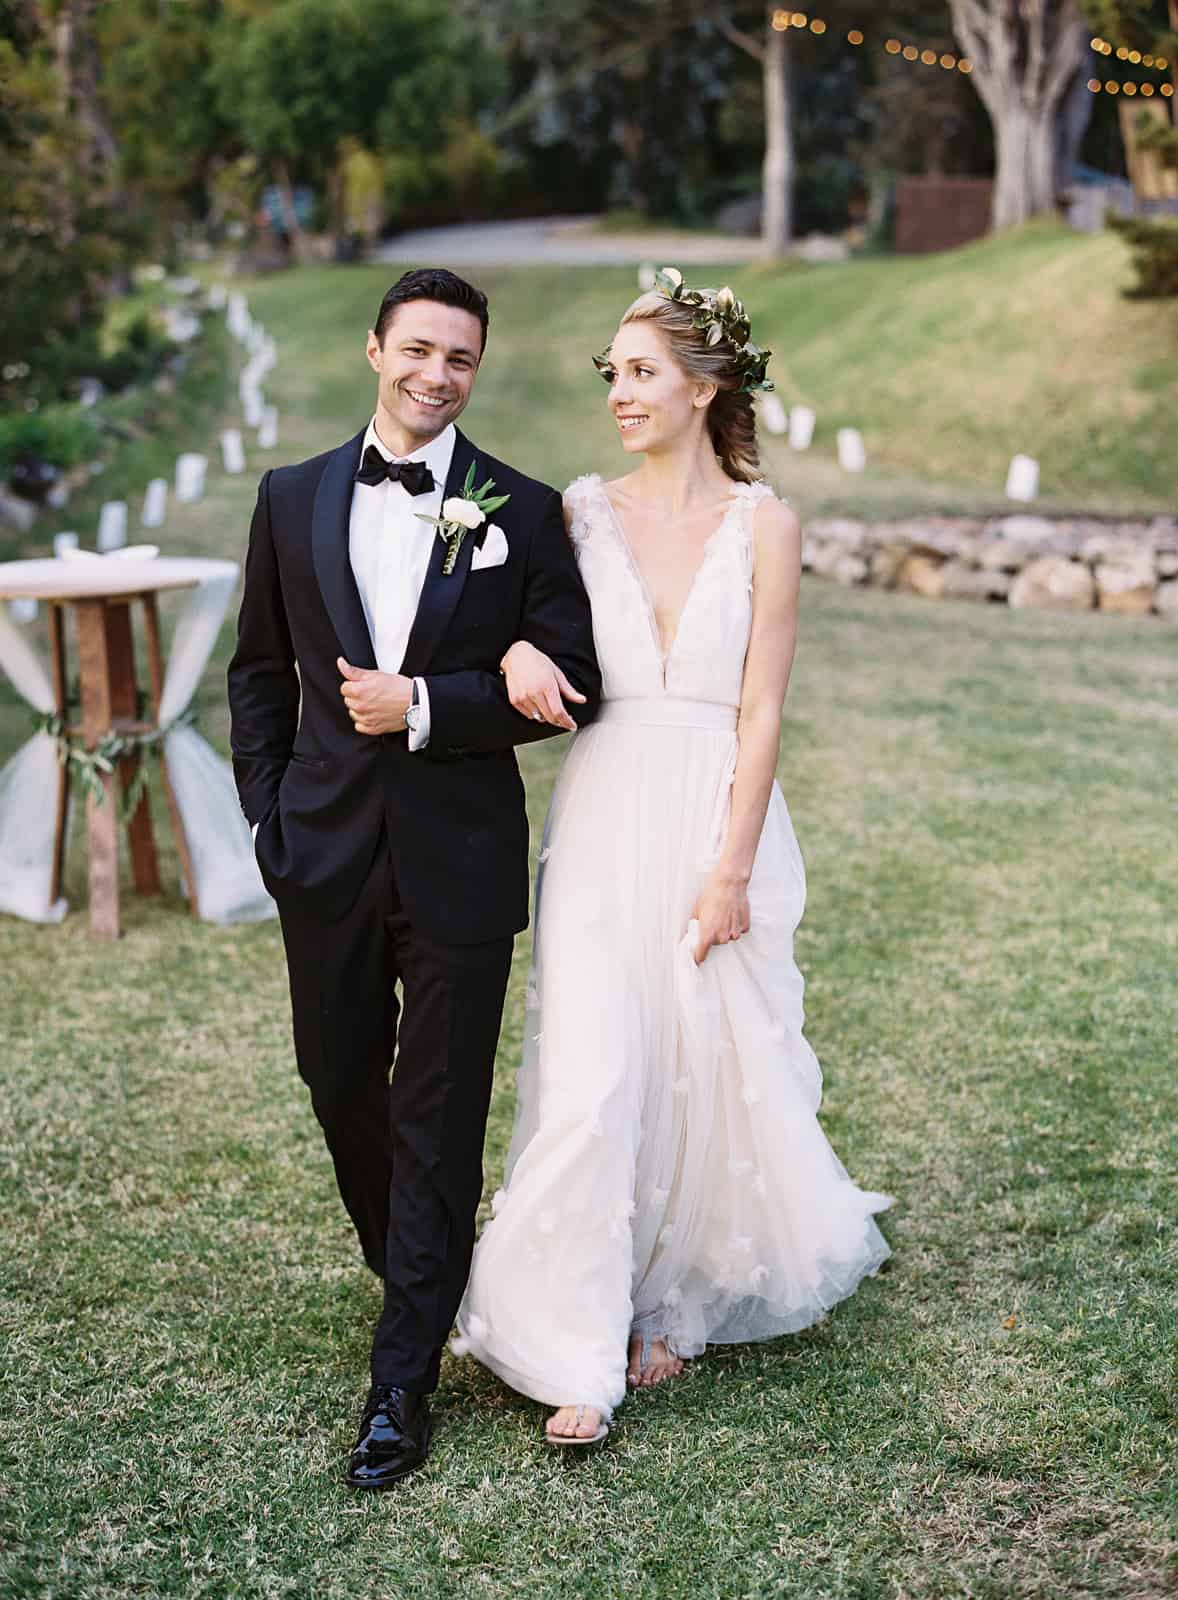 newlyweds walking on grass